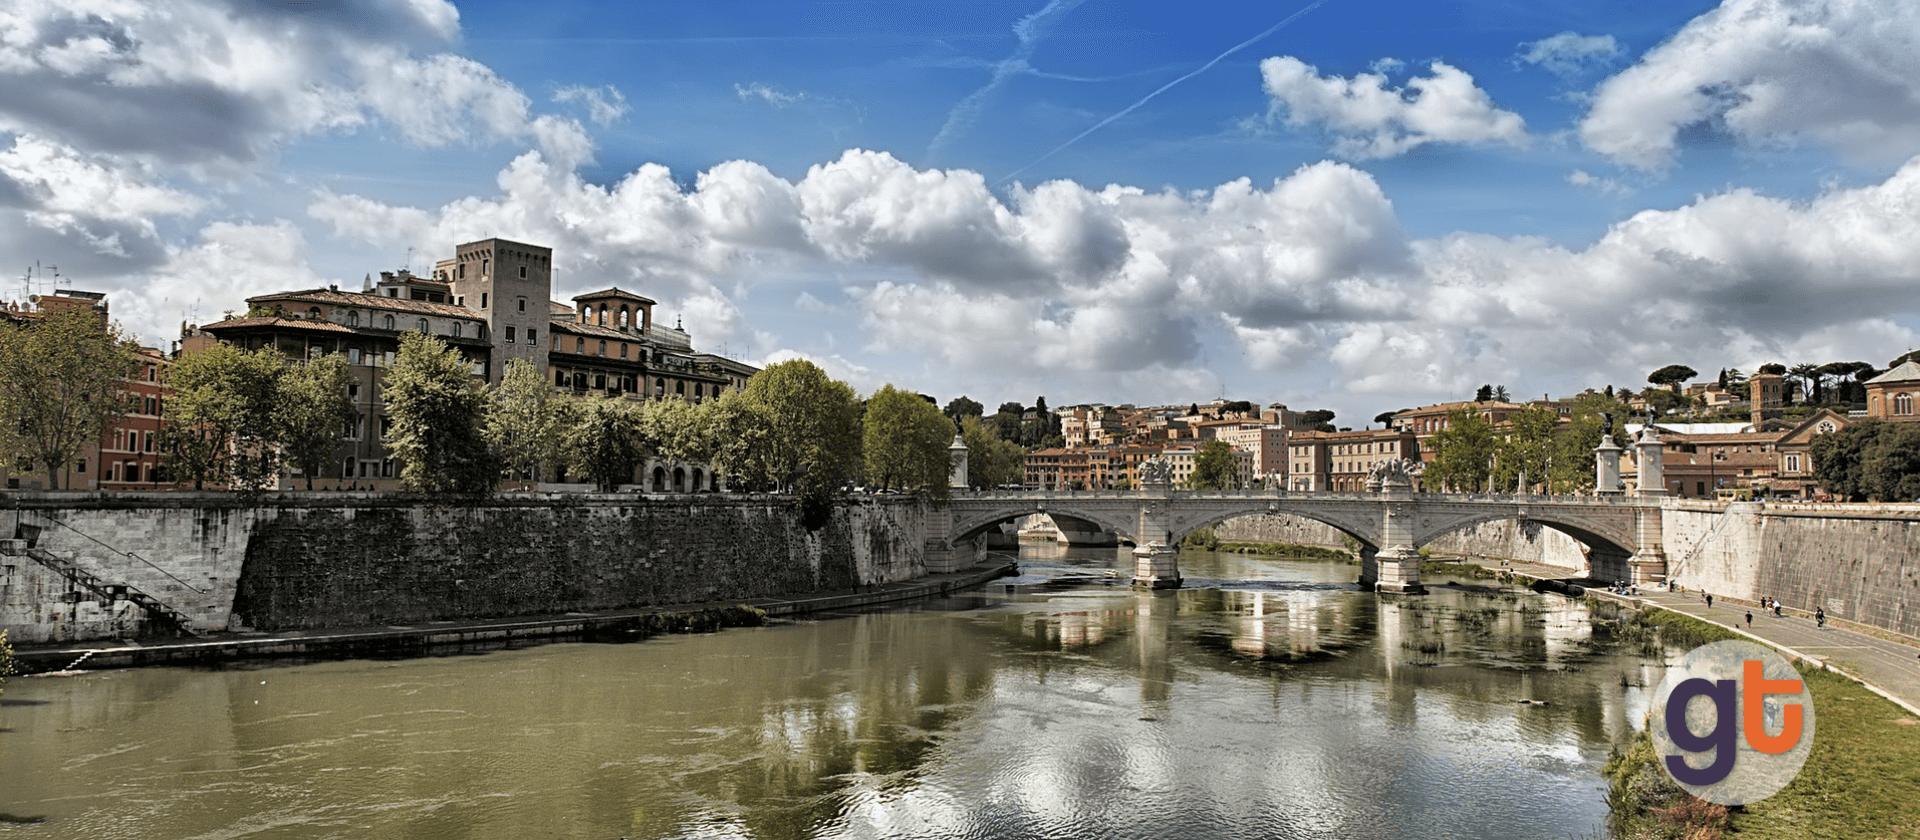 8 дней в чарующем Риме в период с 15.05.17 по 22.05.17